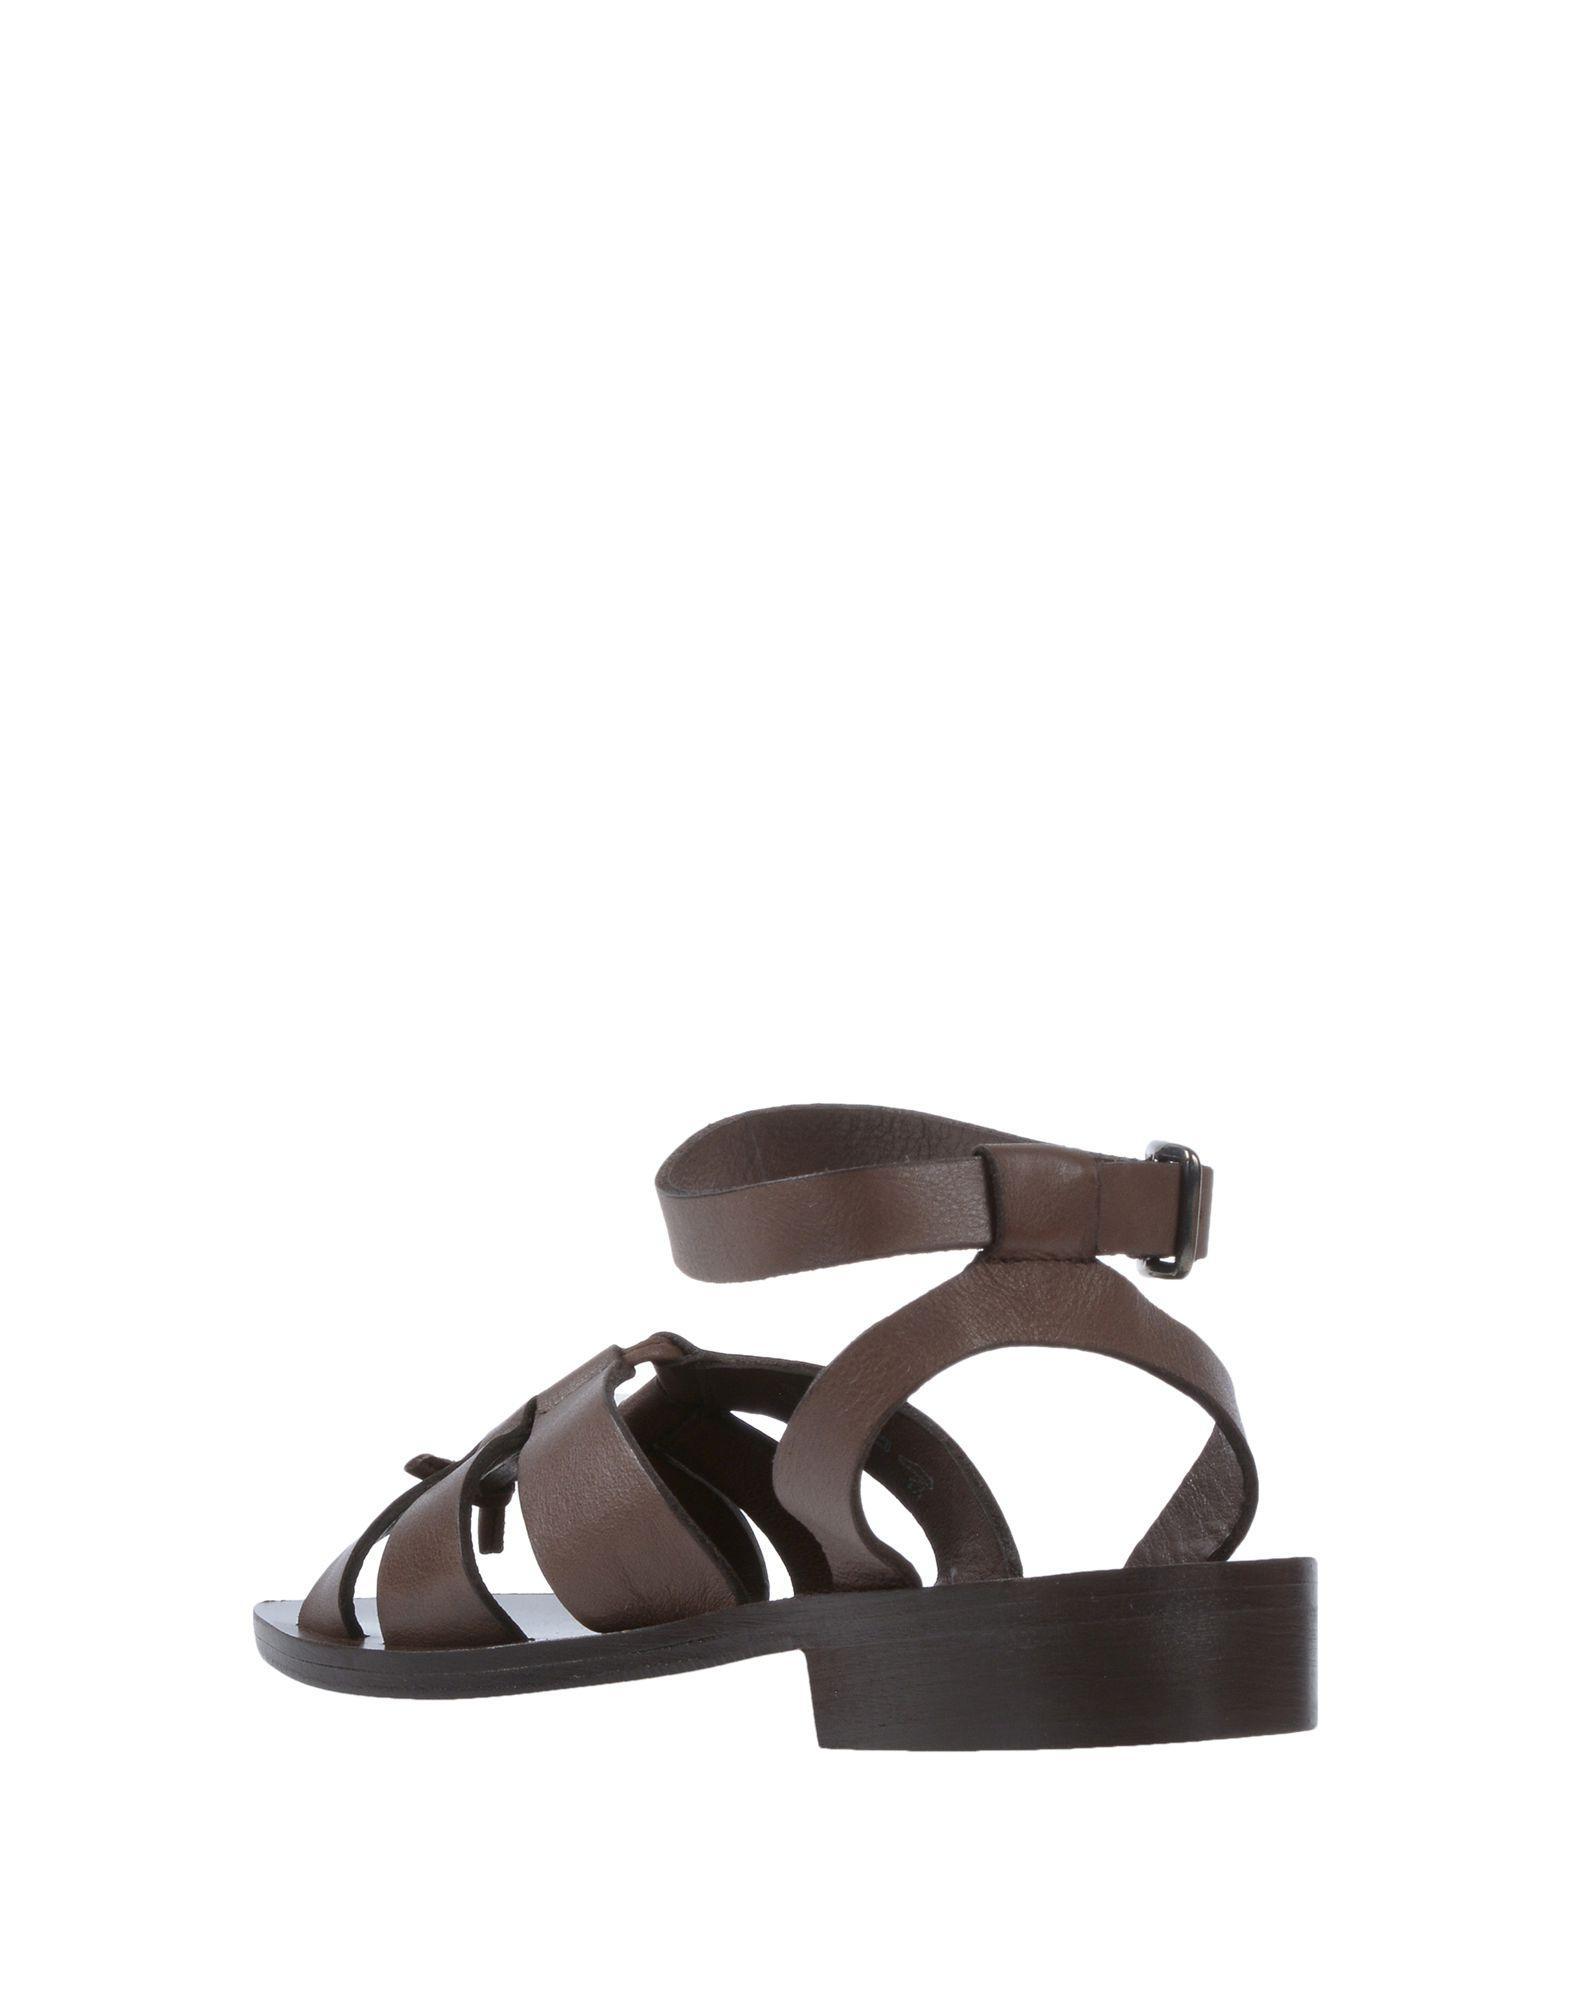 71a97b69ce6e Lyst - Boemos Sandals in Brown